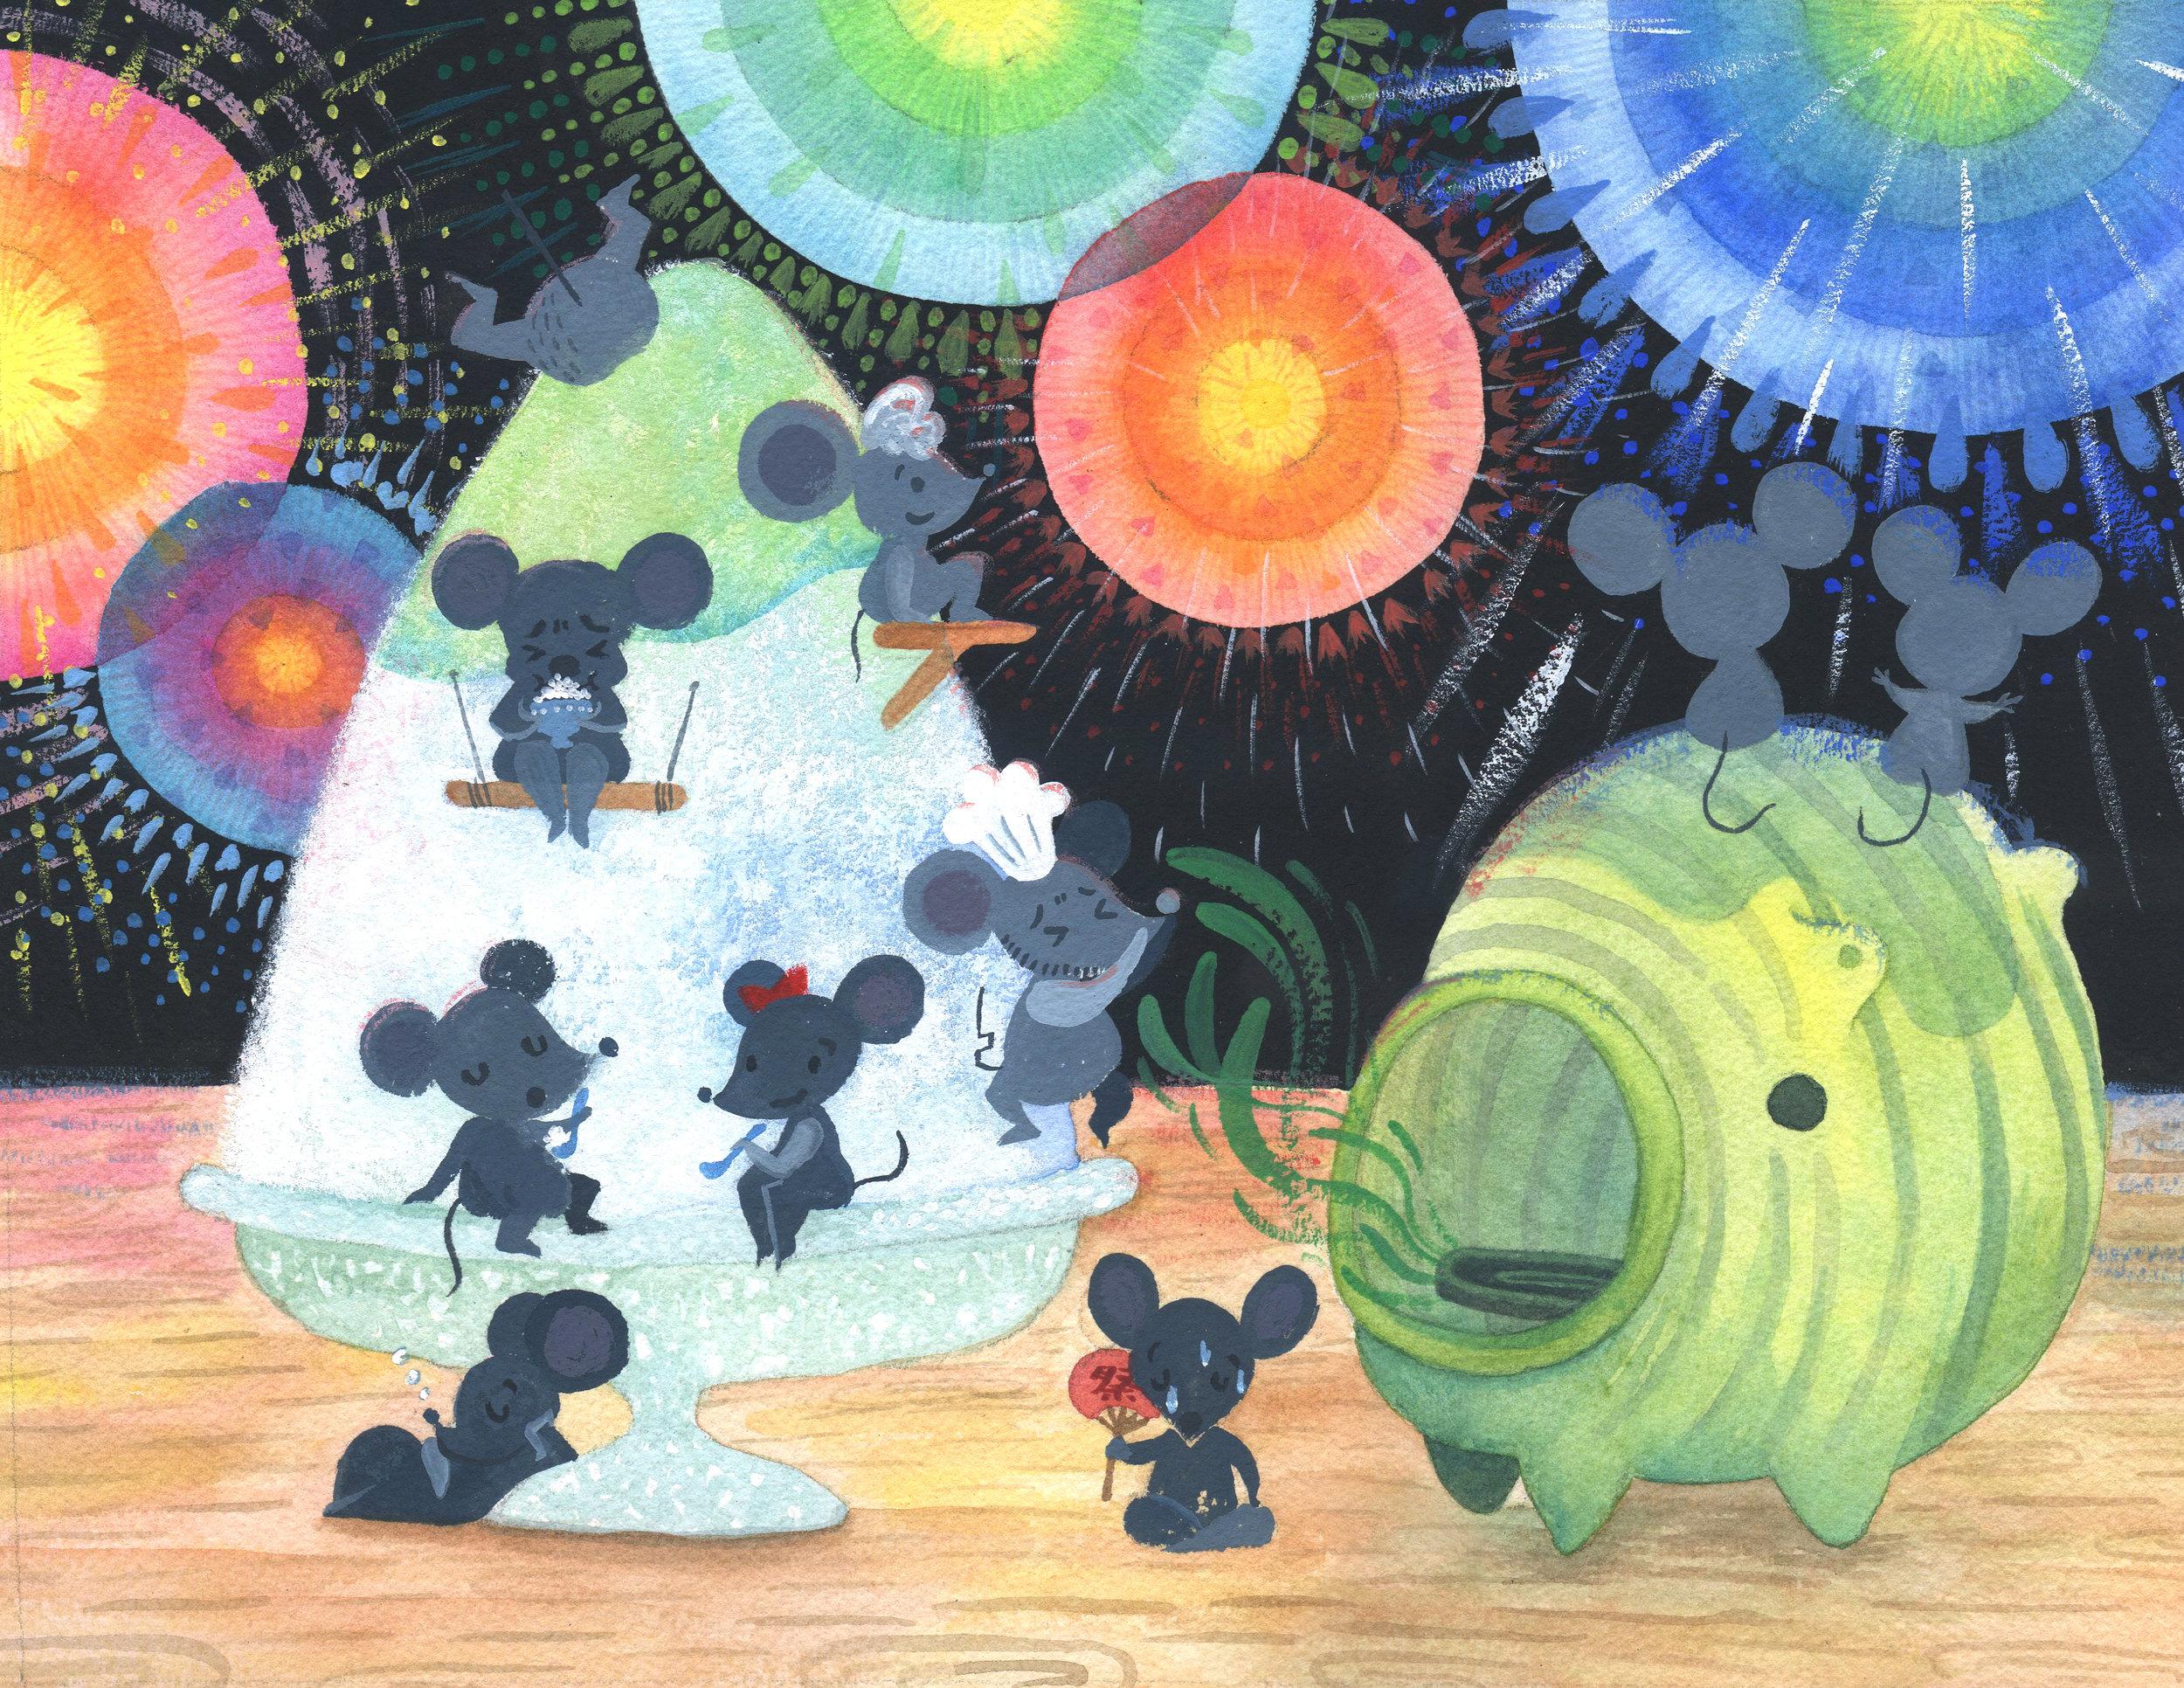 MouseFamily_Fireworks_72.jpg